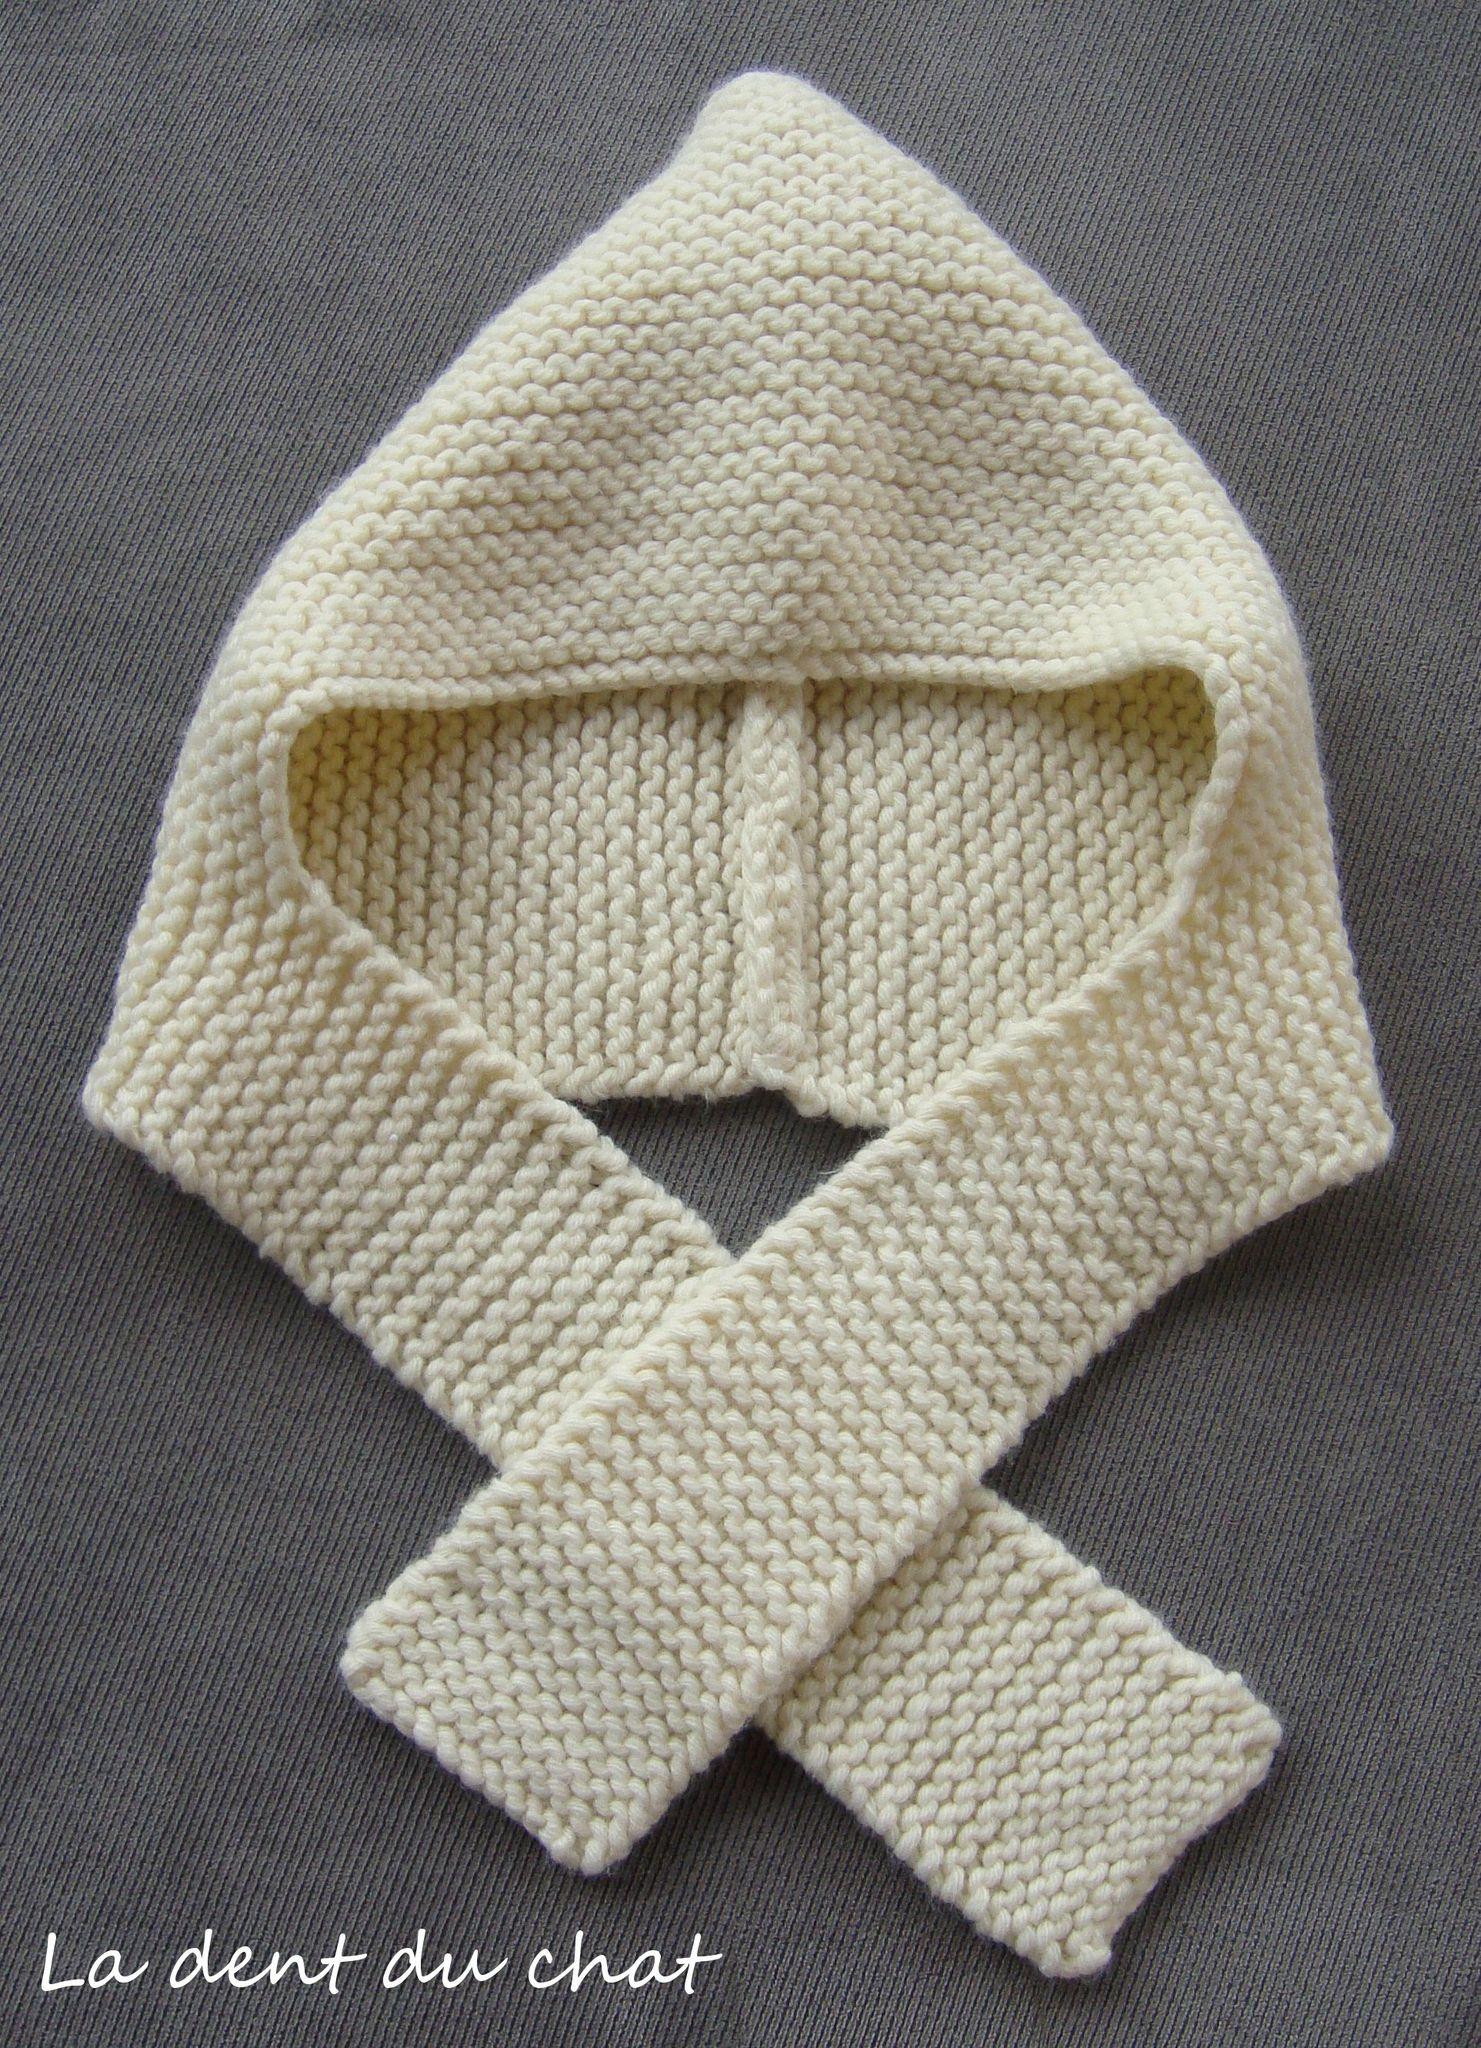 Tricoter un bonnet bébé : un modèle gratuit et facile